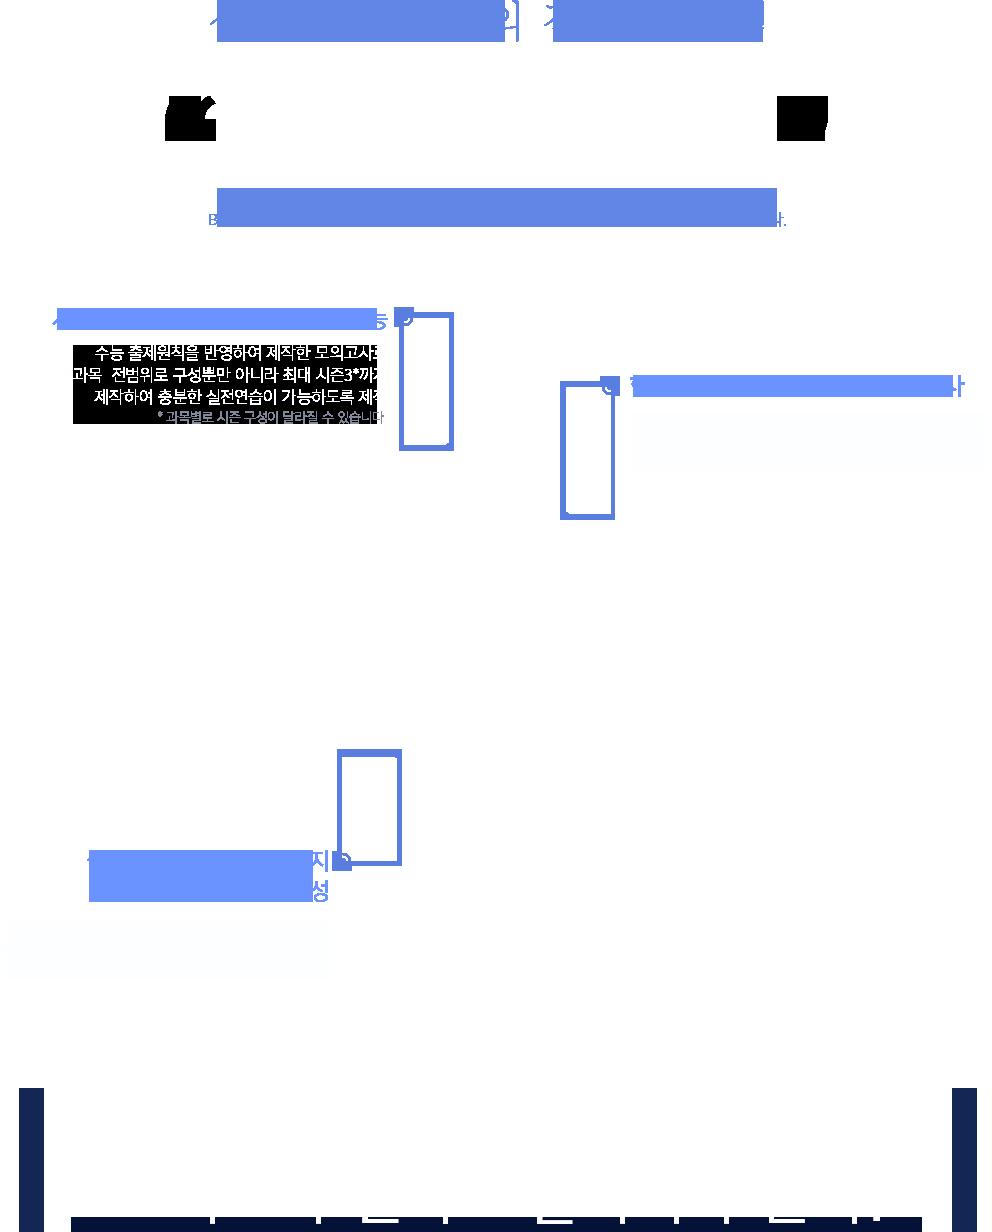 상위권 학생들의 전략적 선택 - 러셀 모의고사 BEST SELECTION